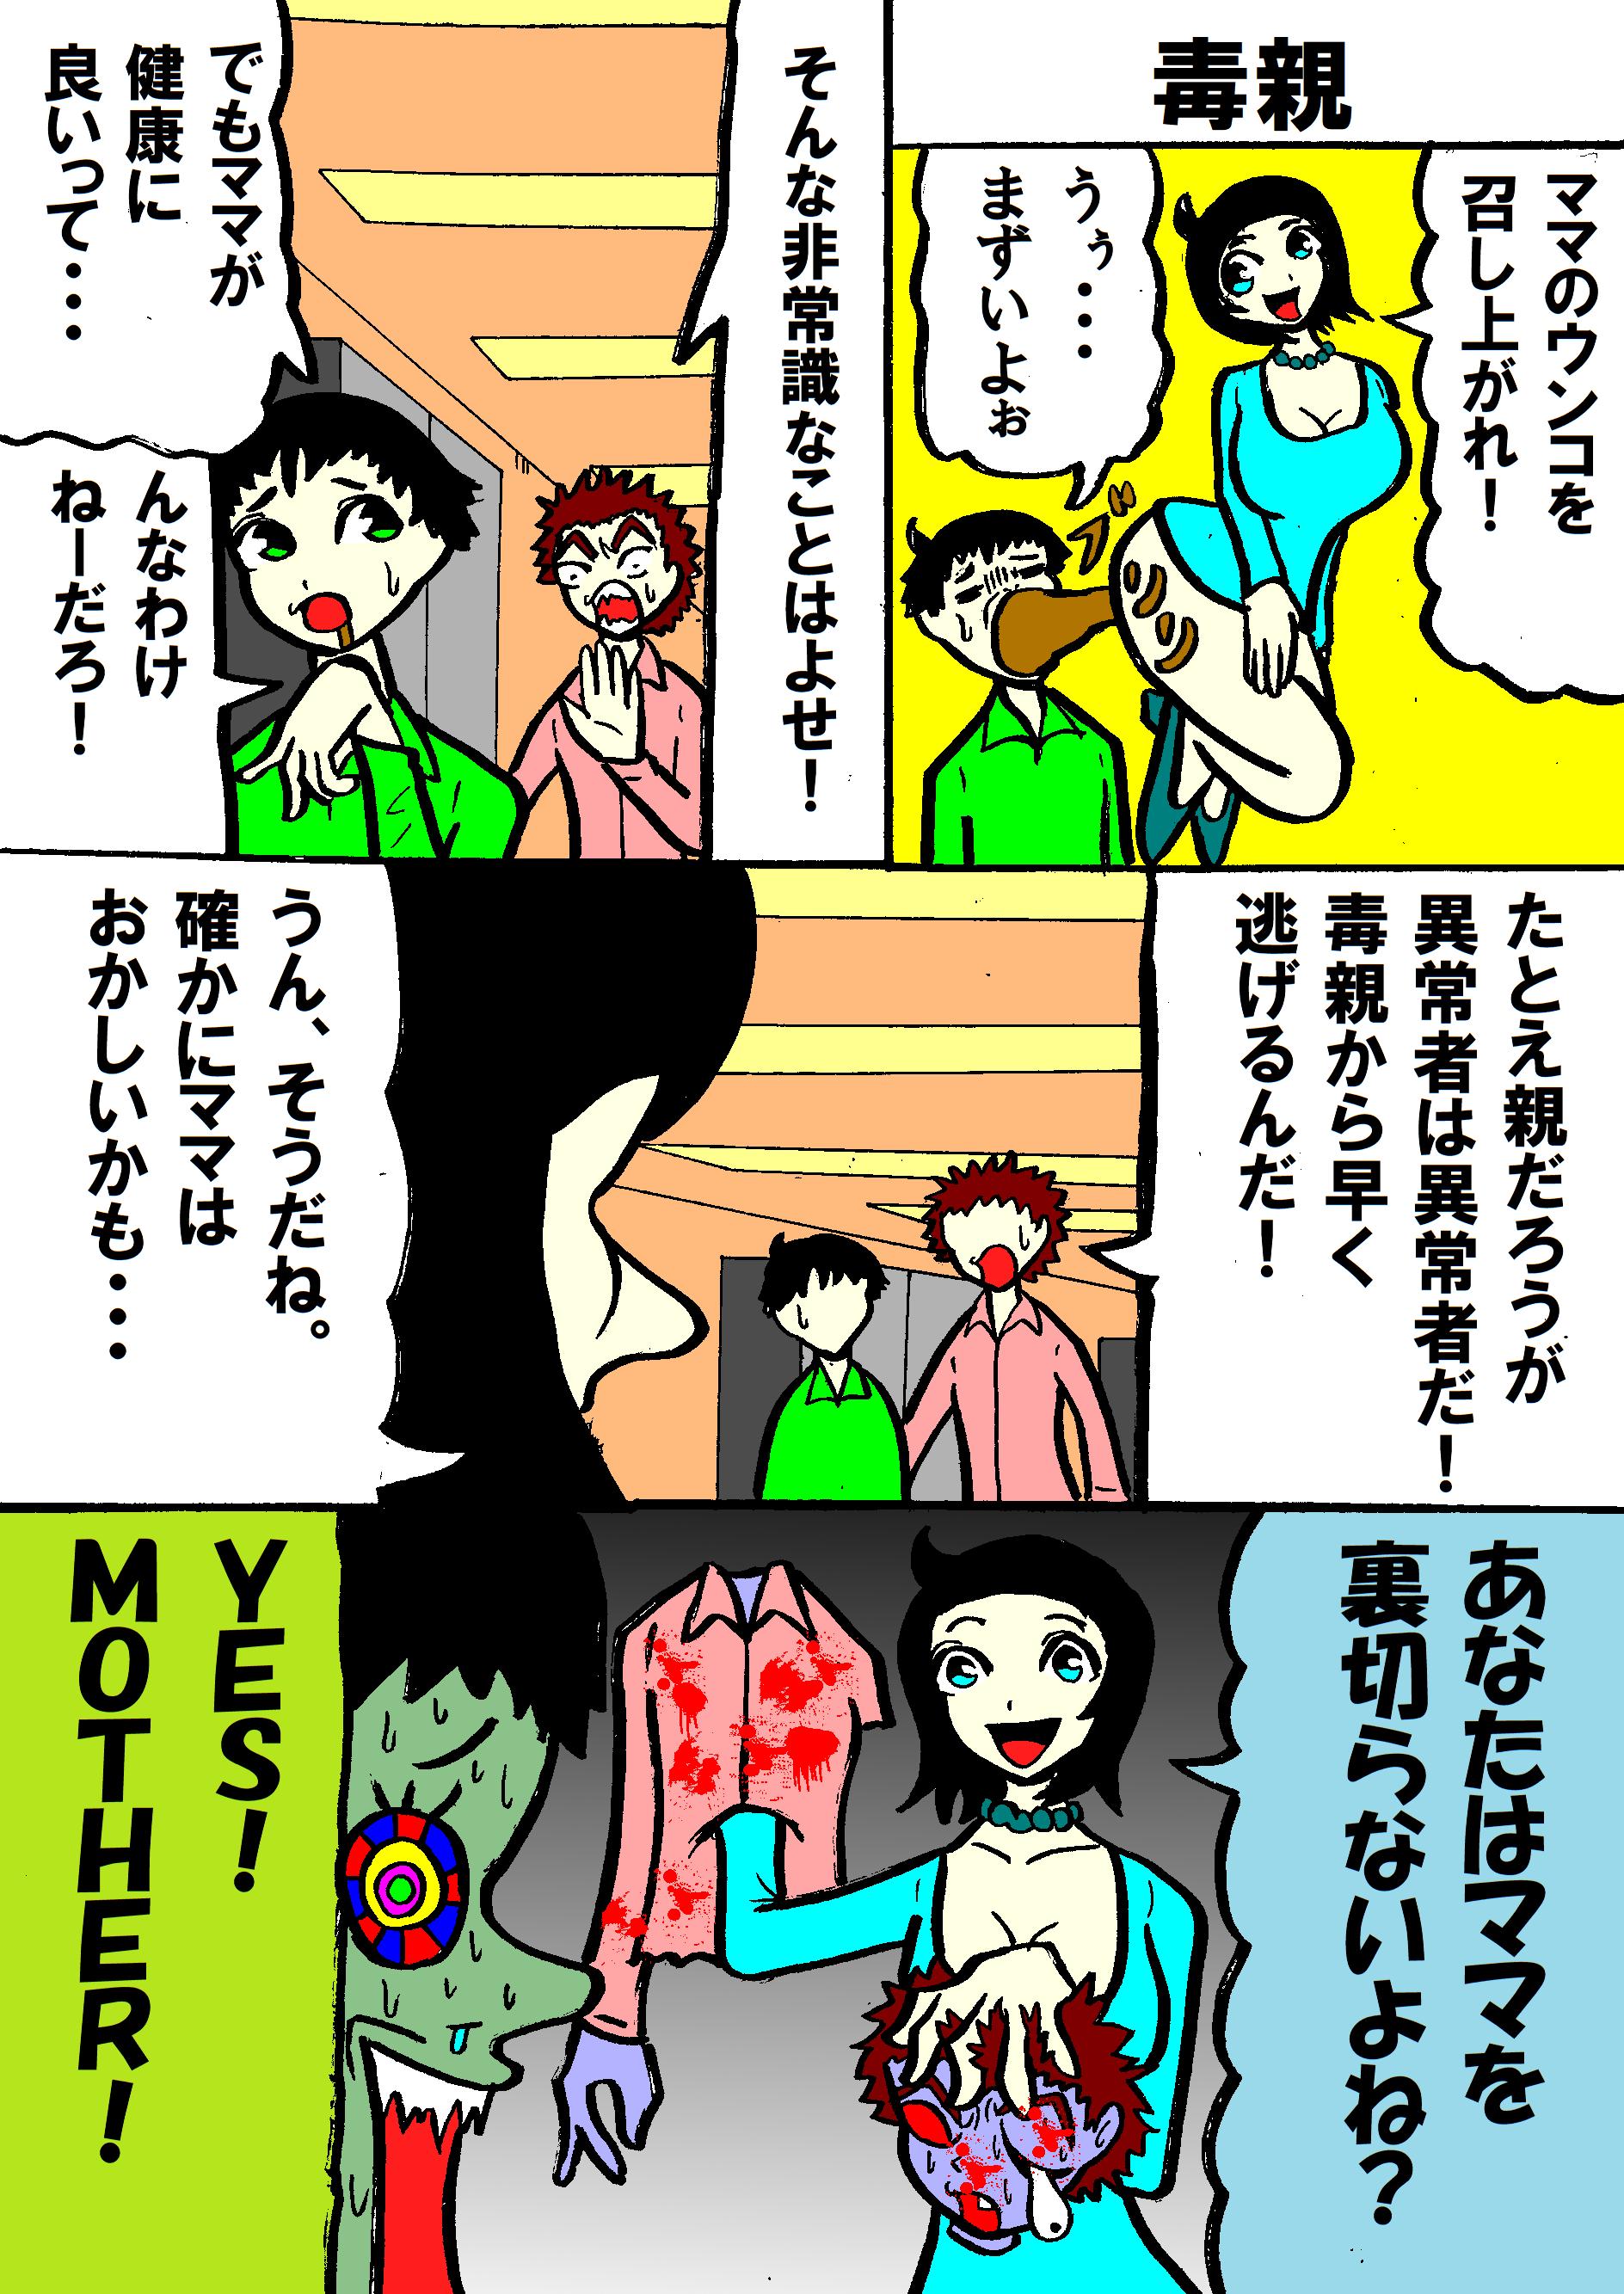 596_毒親_210422